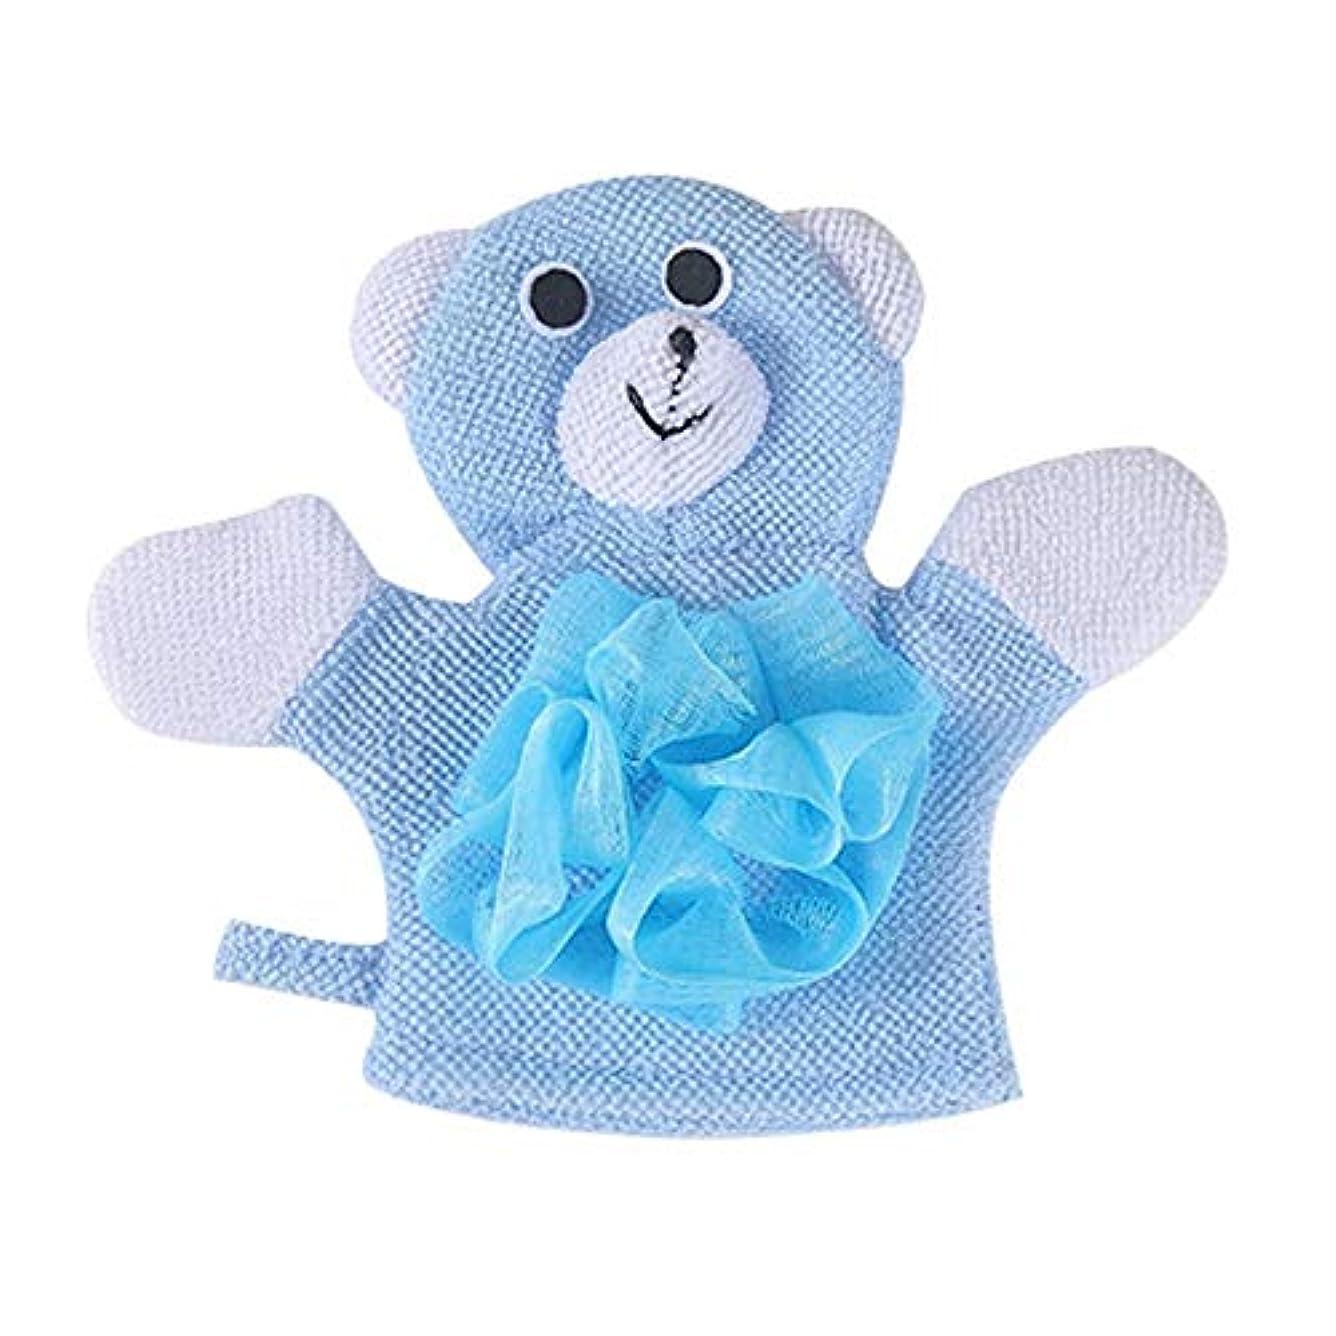 究極の飢えた保有者BTXXYJP お風呂用手袋 あかすり シャワー手袋 ボディブラシ やわらか バス用品 ボディタオル 角質除去 (Color : Blue)